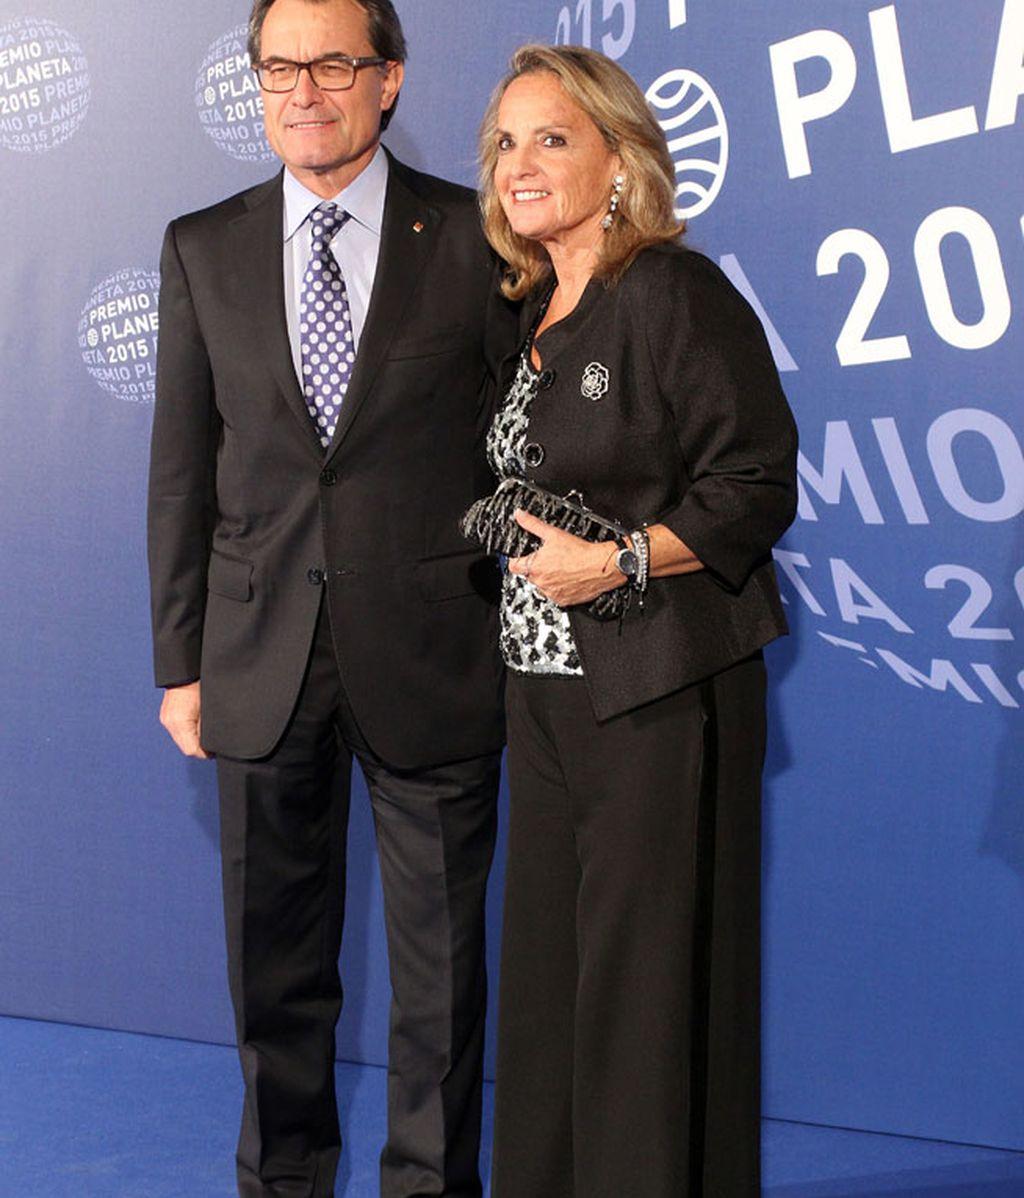 Artur Mas no quiso perderse el evento, junto a su mujer, Helena Rakosnik